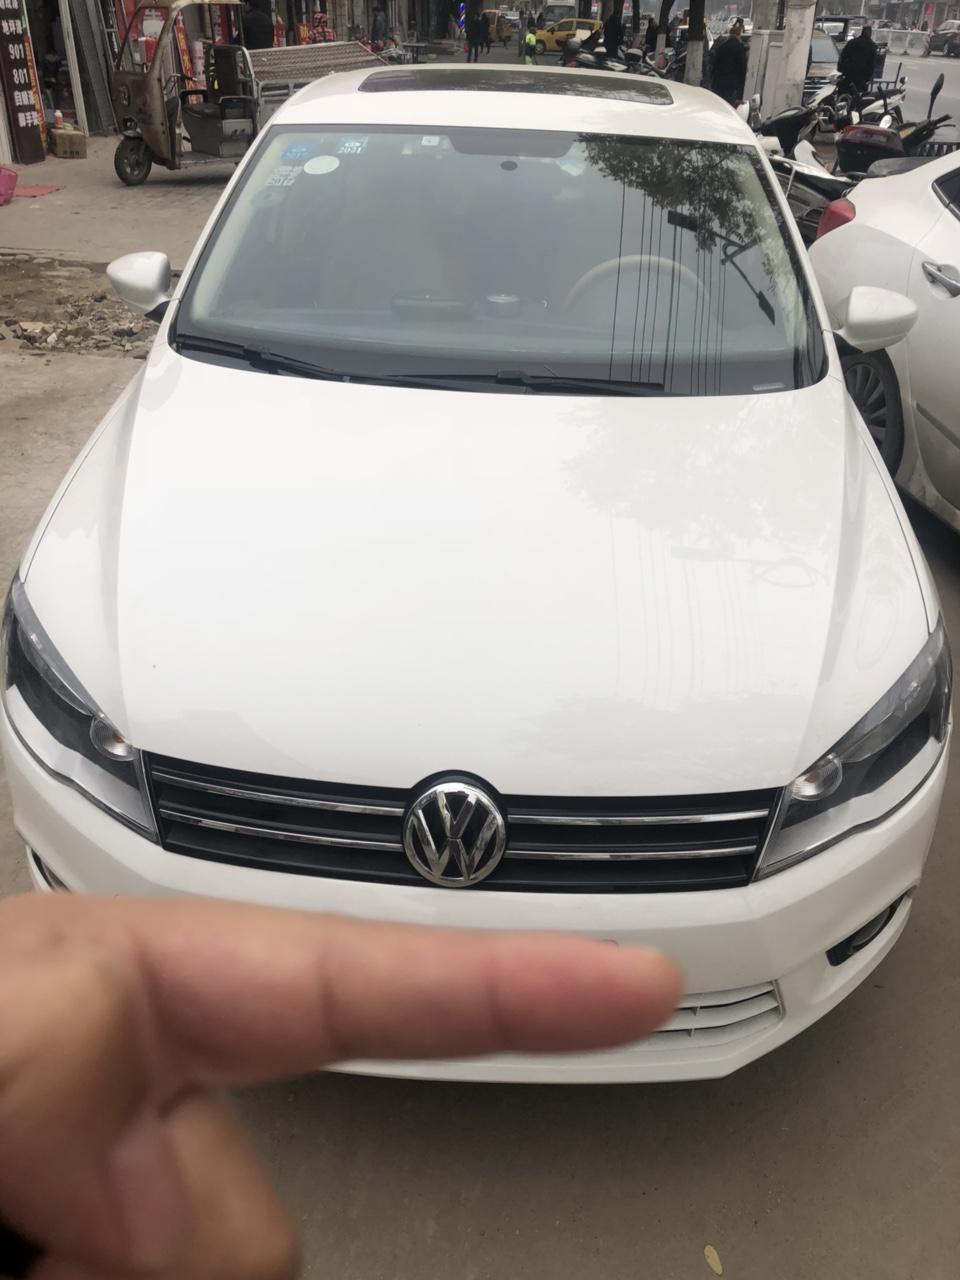 2015年5月1.6手动舒适版捷达,本人想换新车,特价出售,非诚勿扰,拒绝二手贩子。